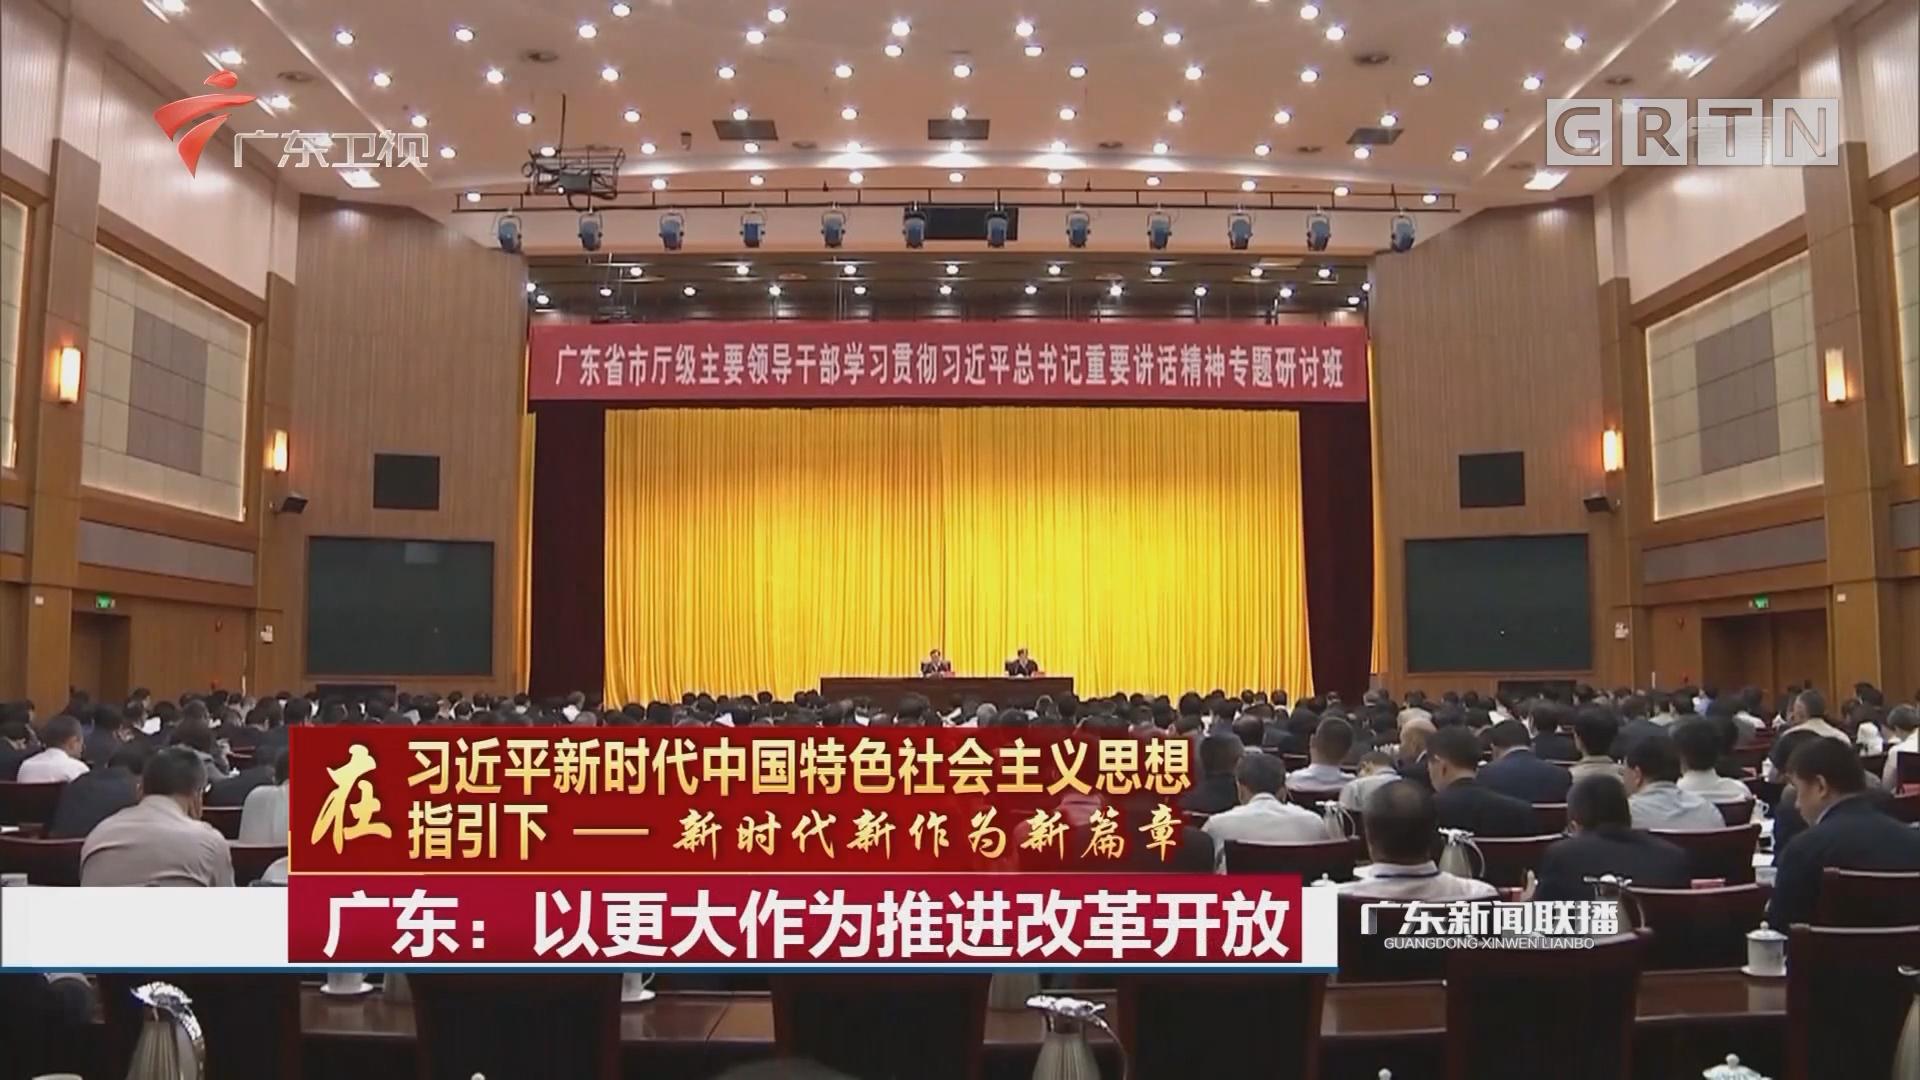 广东:以更大作为推进改革开放